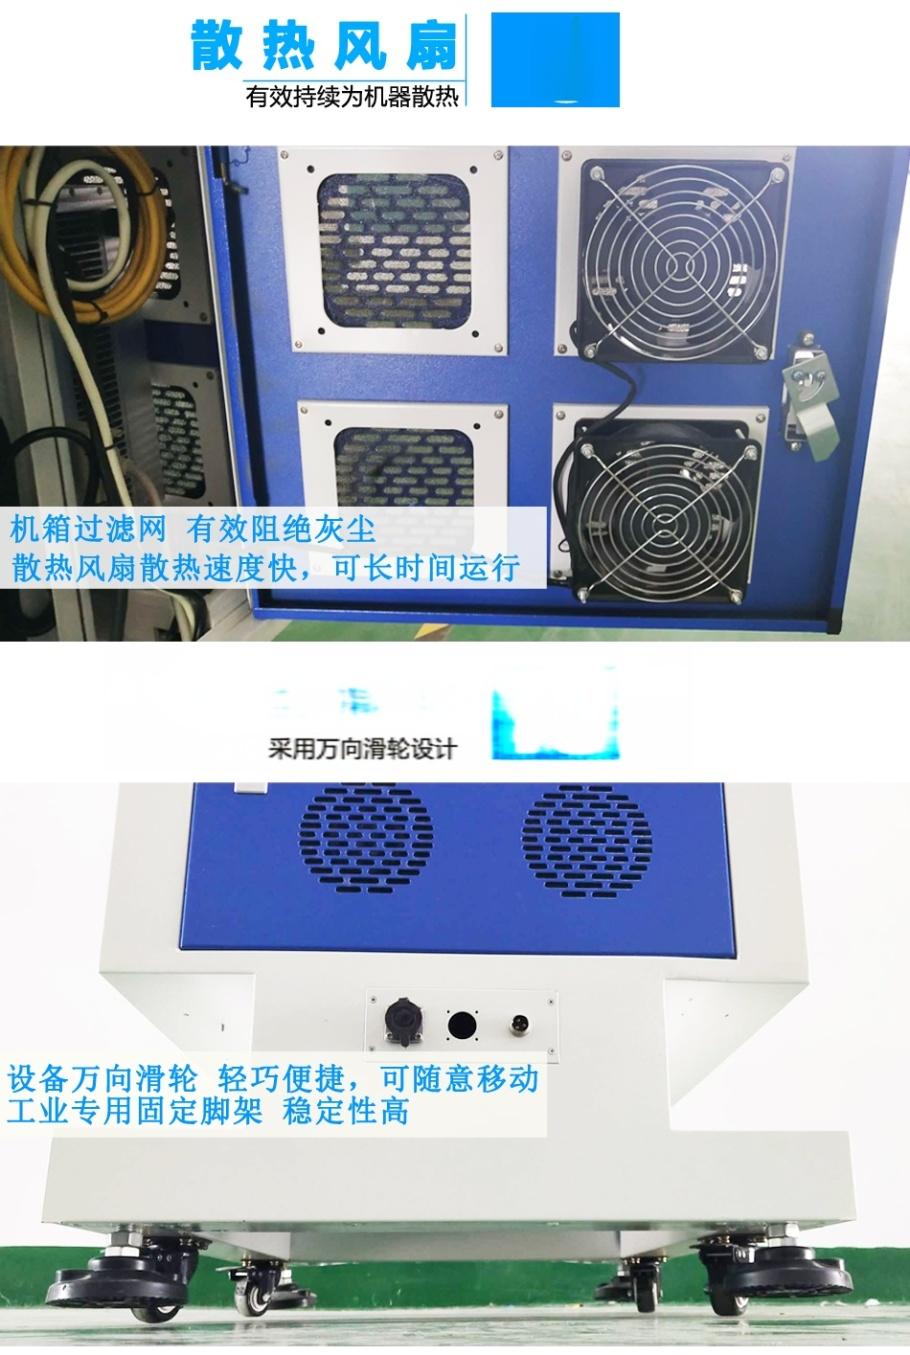 光纖鐳射打標機詳情(新版)_08.jpg